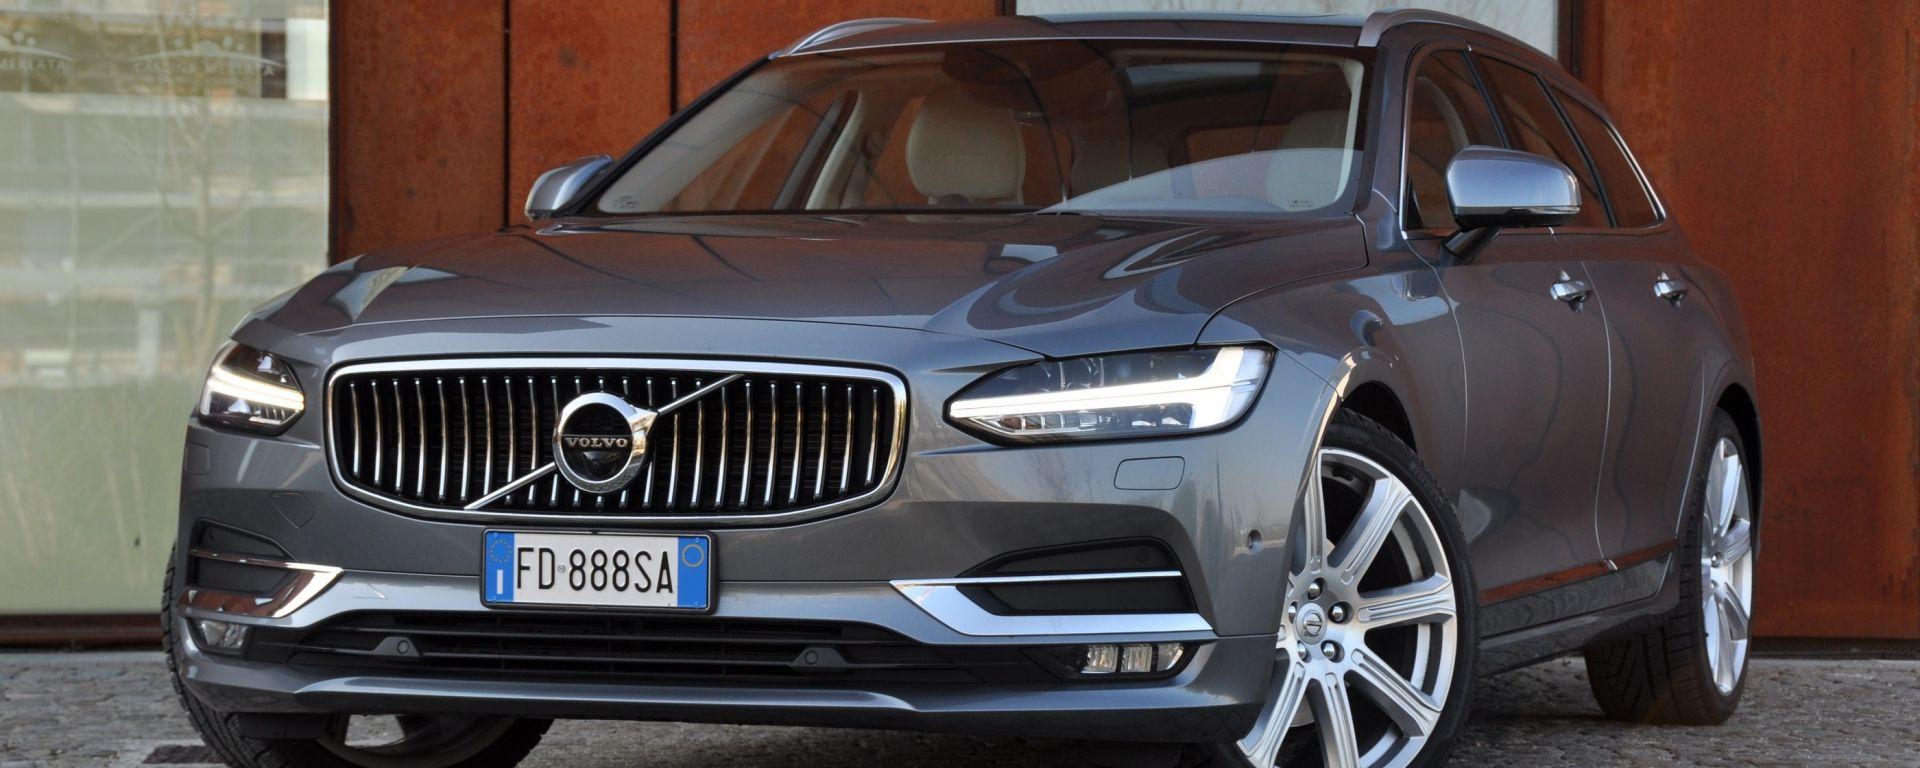 Volvo V90 D4 Geartronic Inscription: il frontale è immediatamente riconoscibile